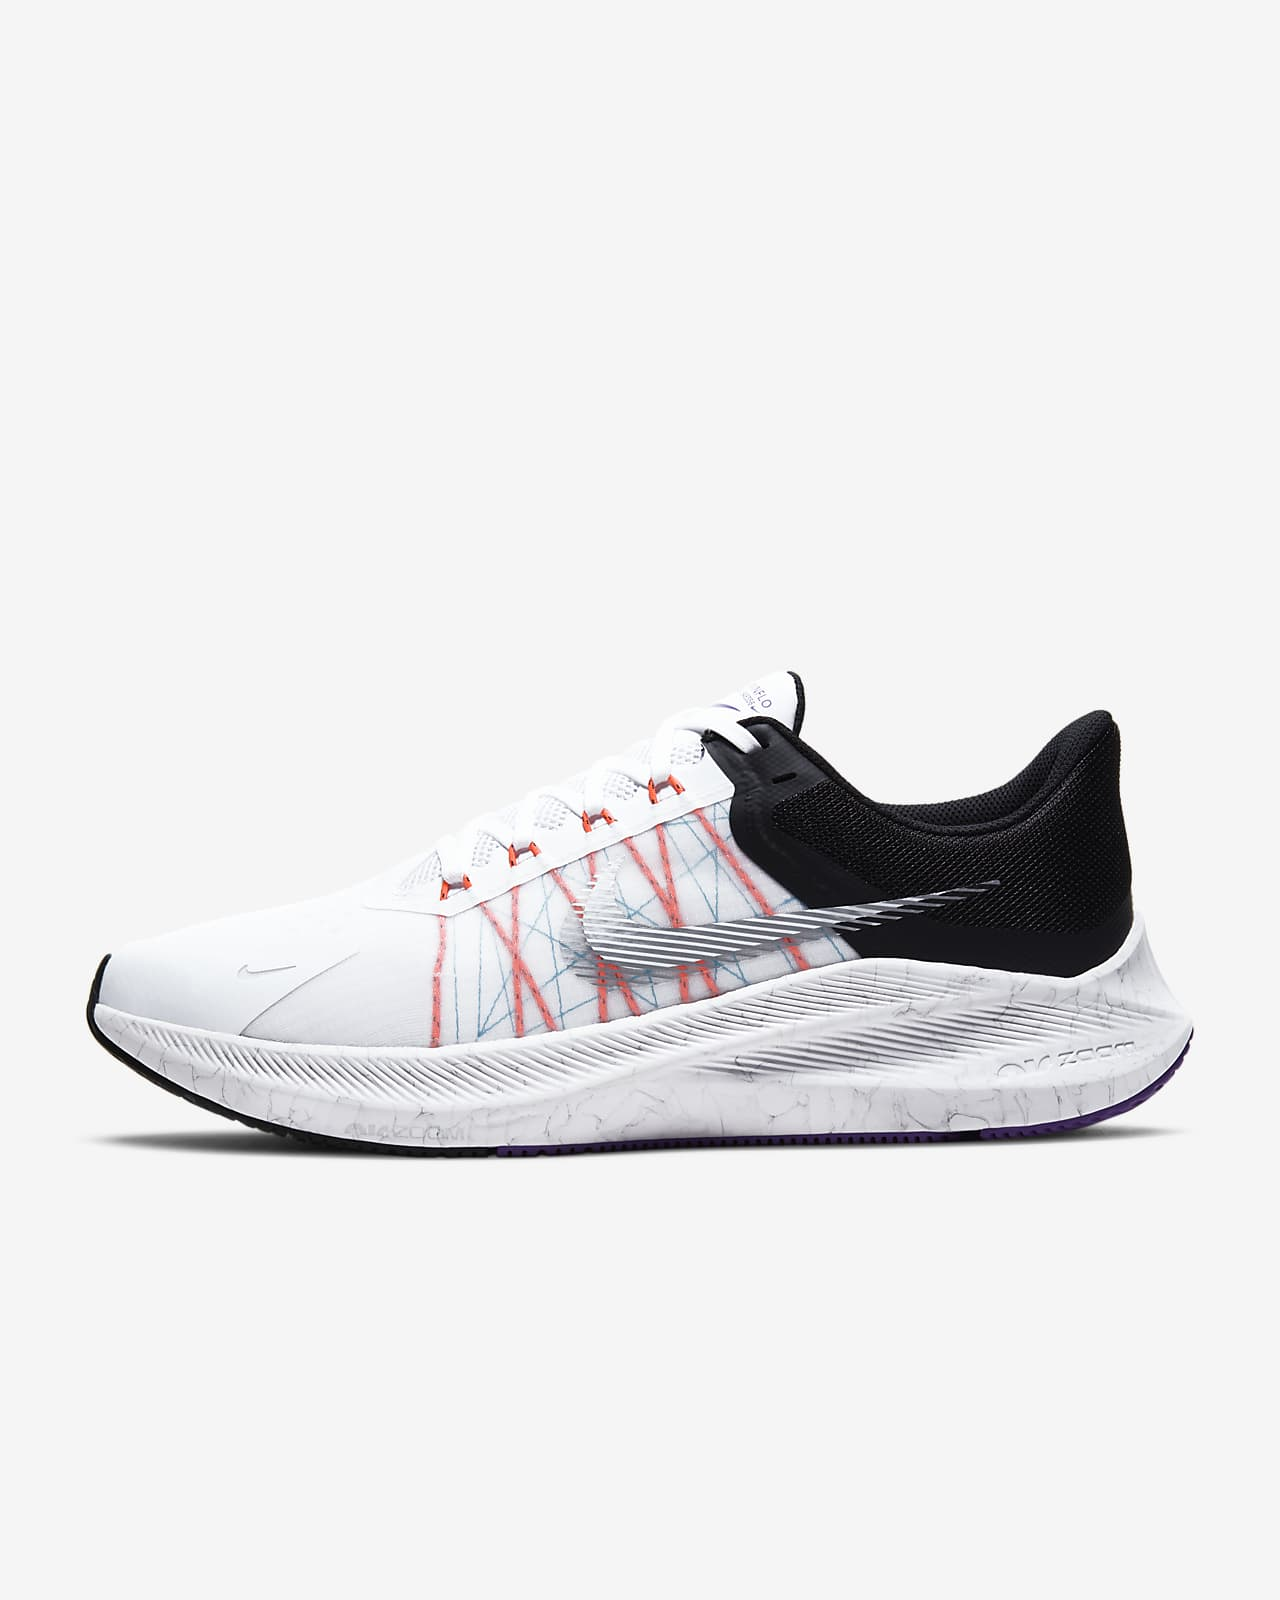 Calzado de running para hombre Nike Winflo 8